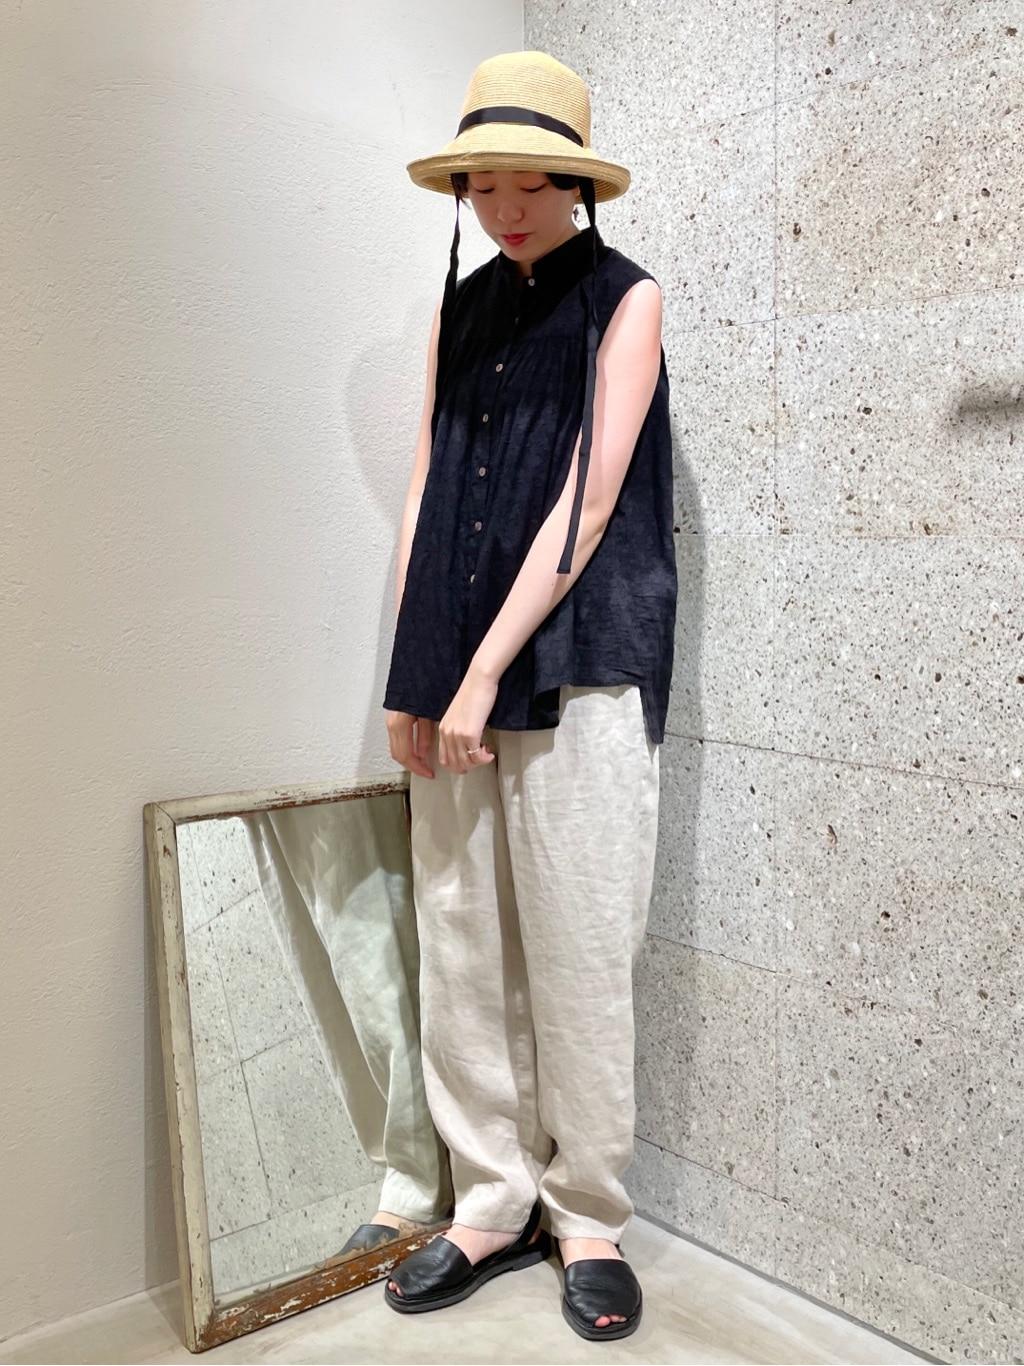 yuni ニュウマン横浜 身長:166cm 2021.05.29